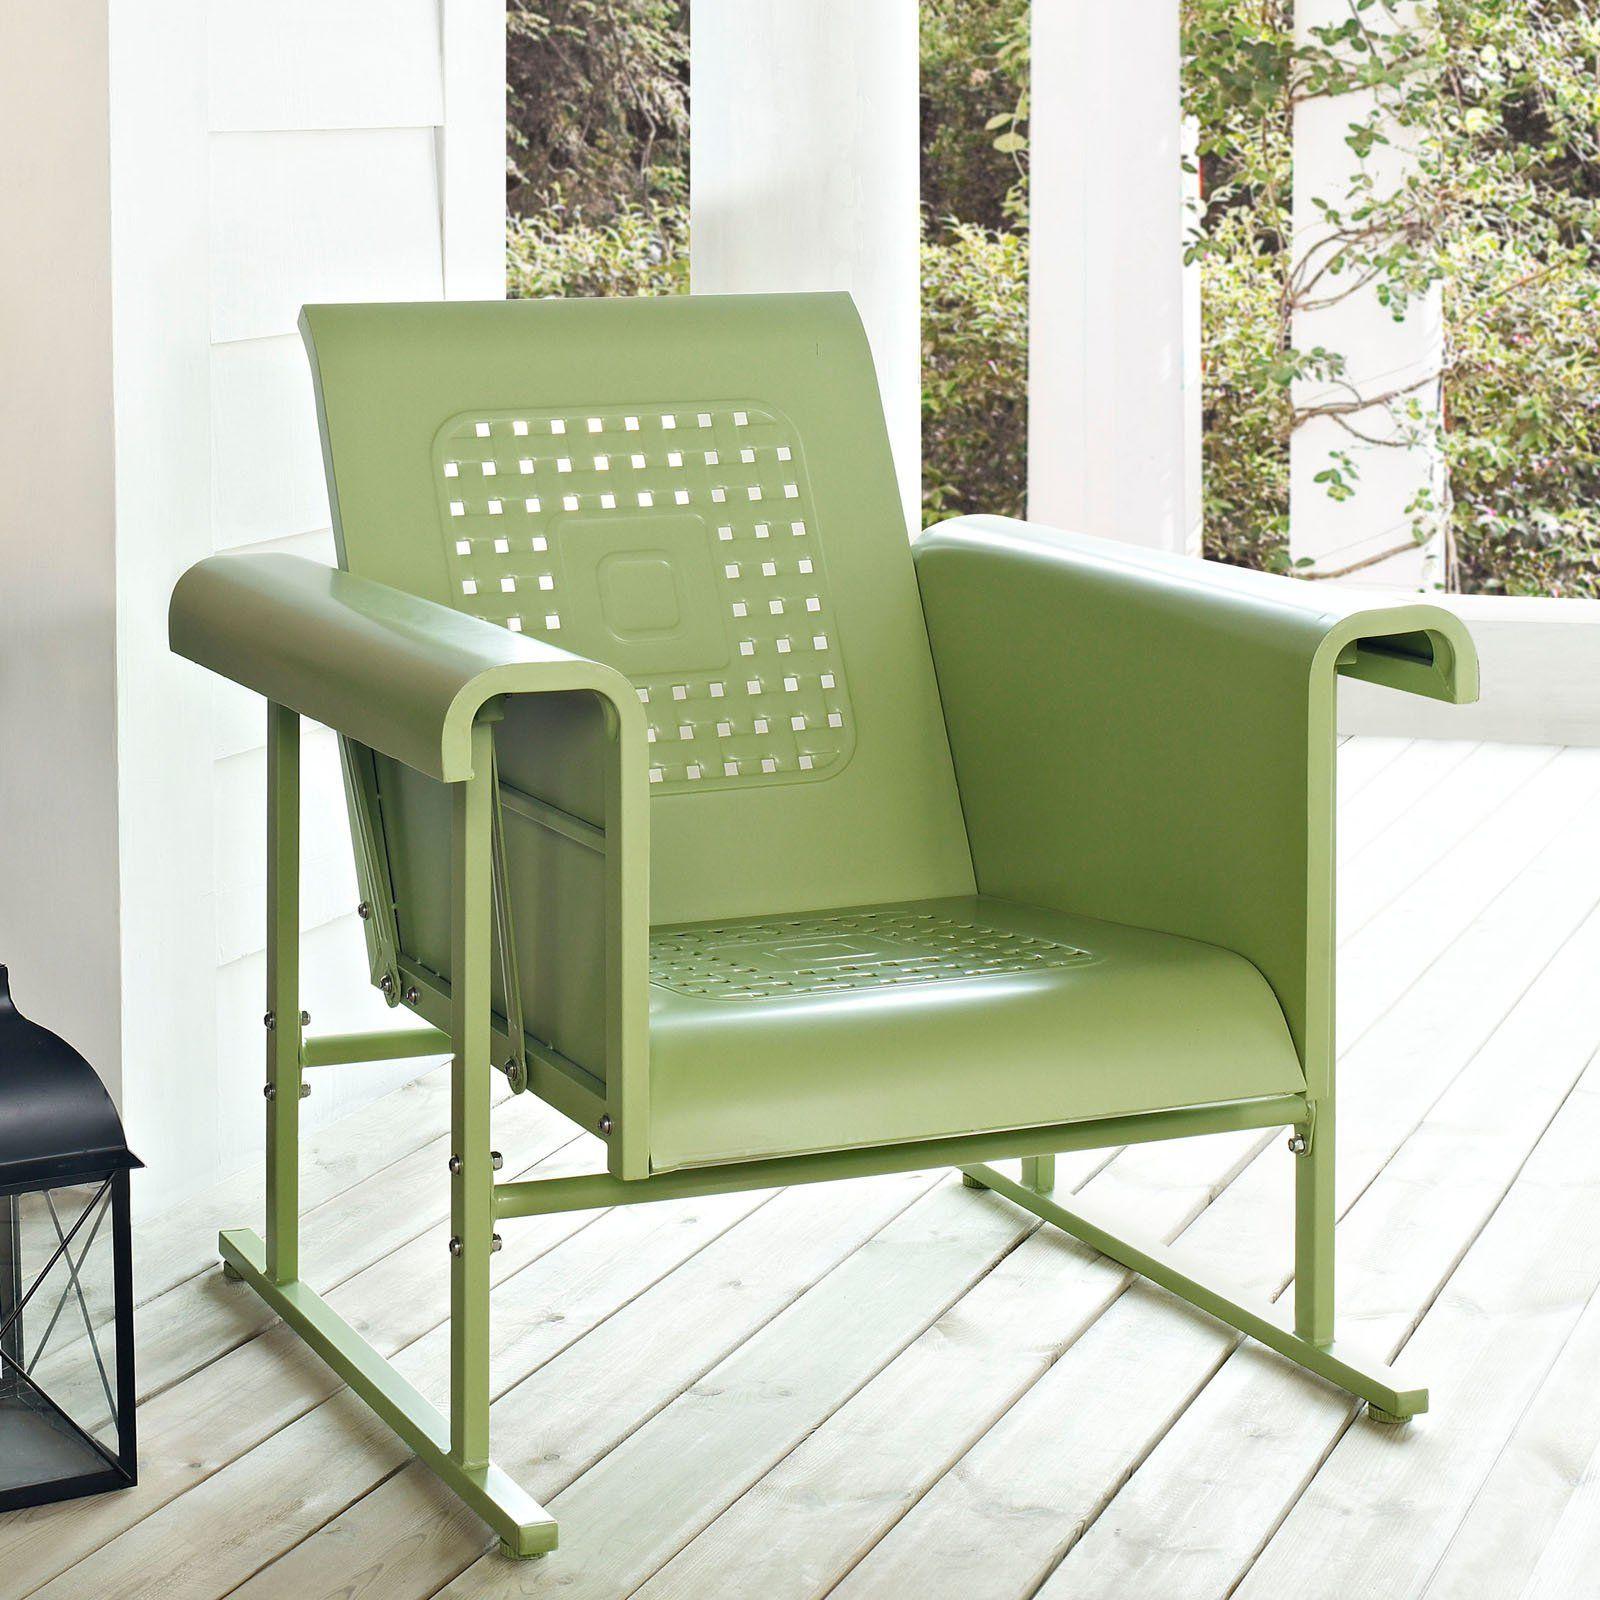 2018 Crosley Veranda Single Glider Chair Best Paint for